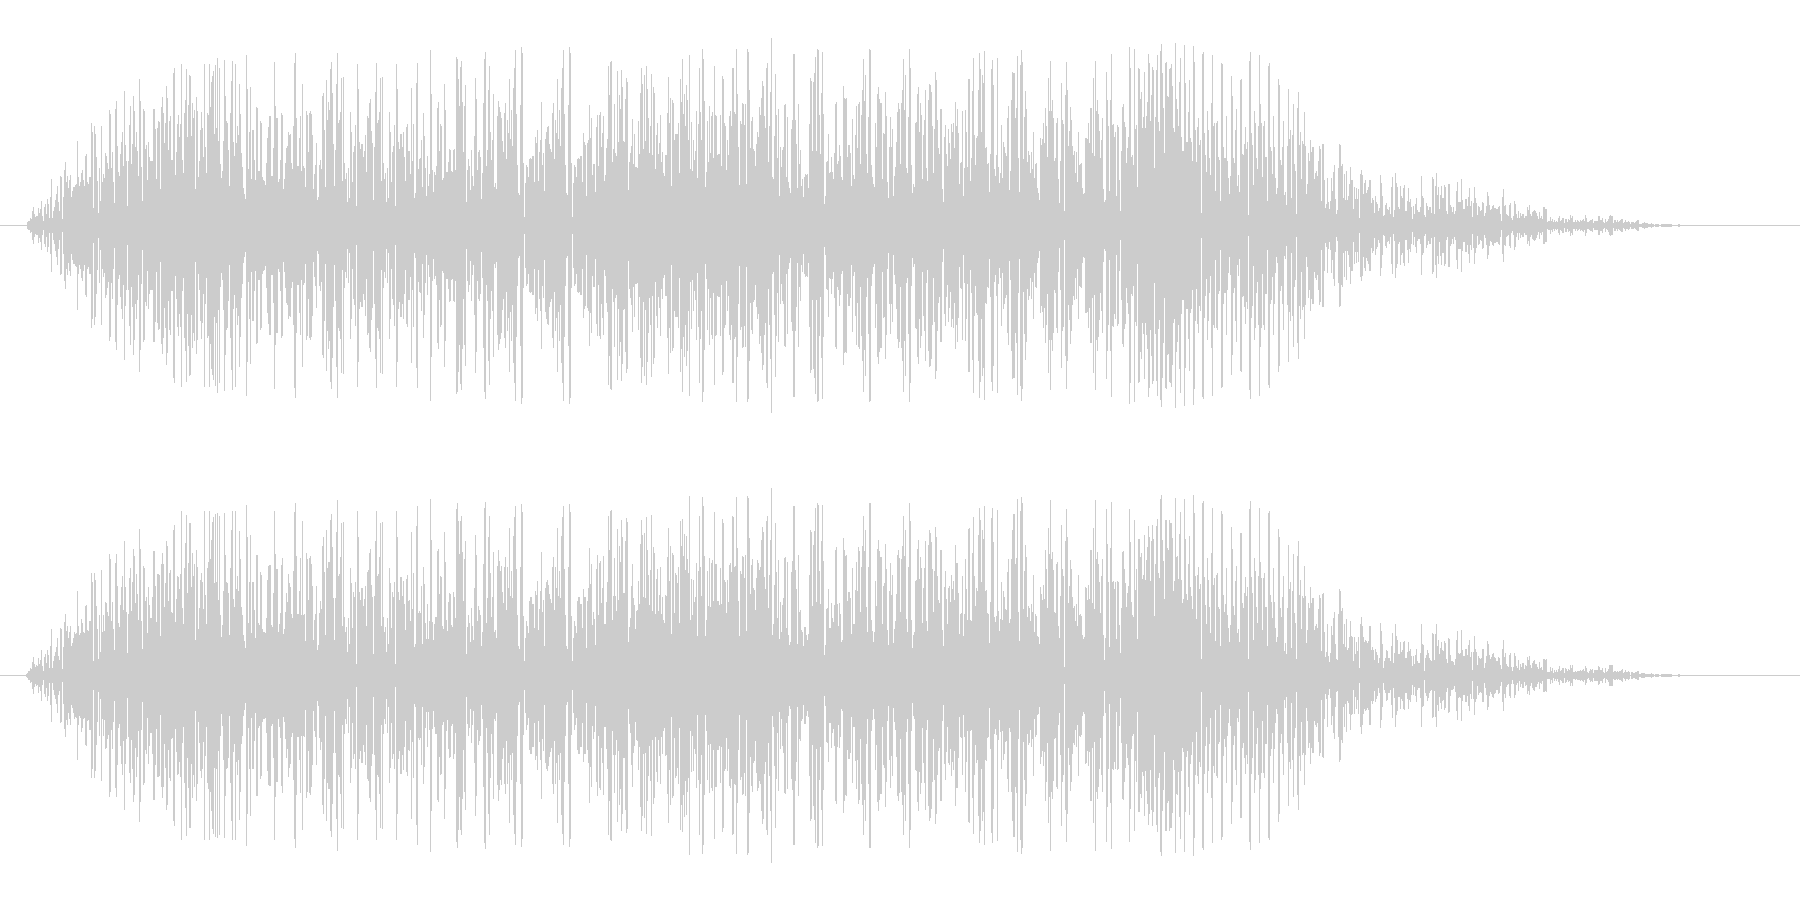 ガオーッ(ライオンの声)の未再生の波形